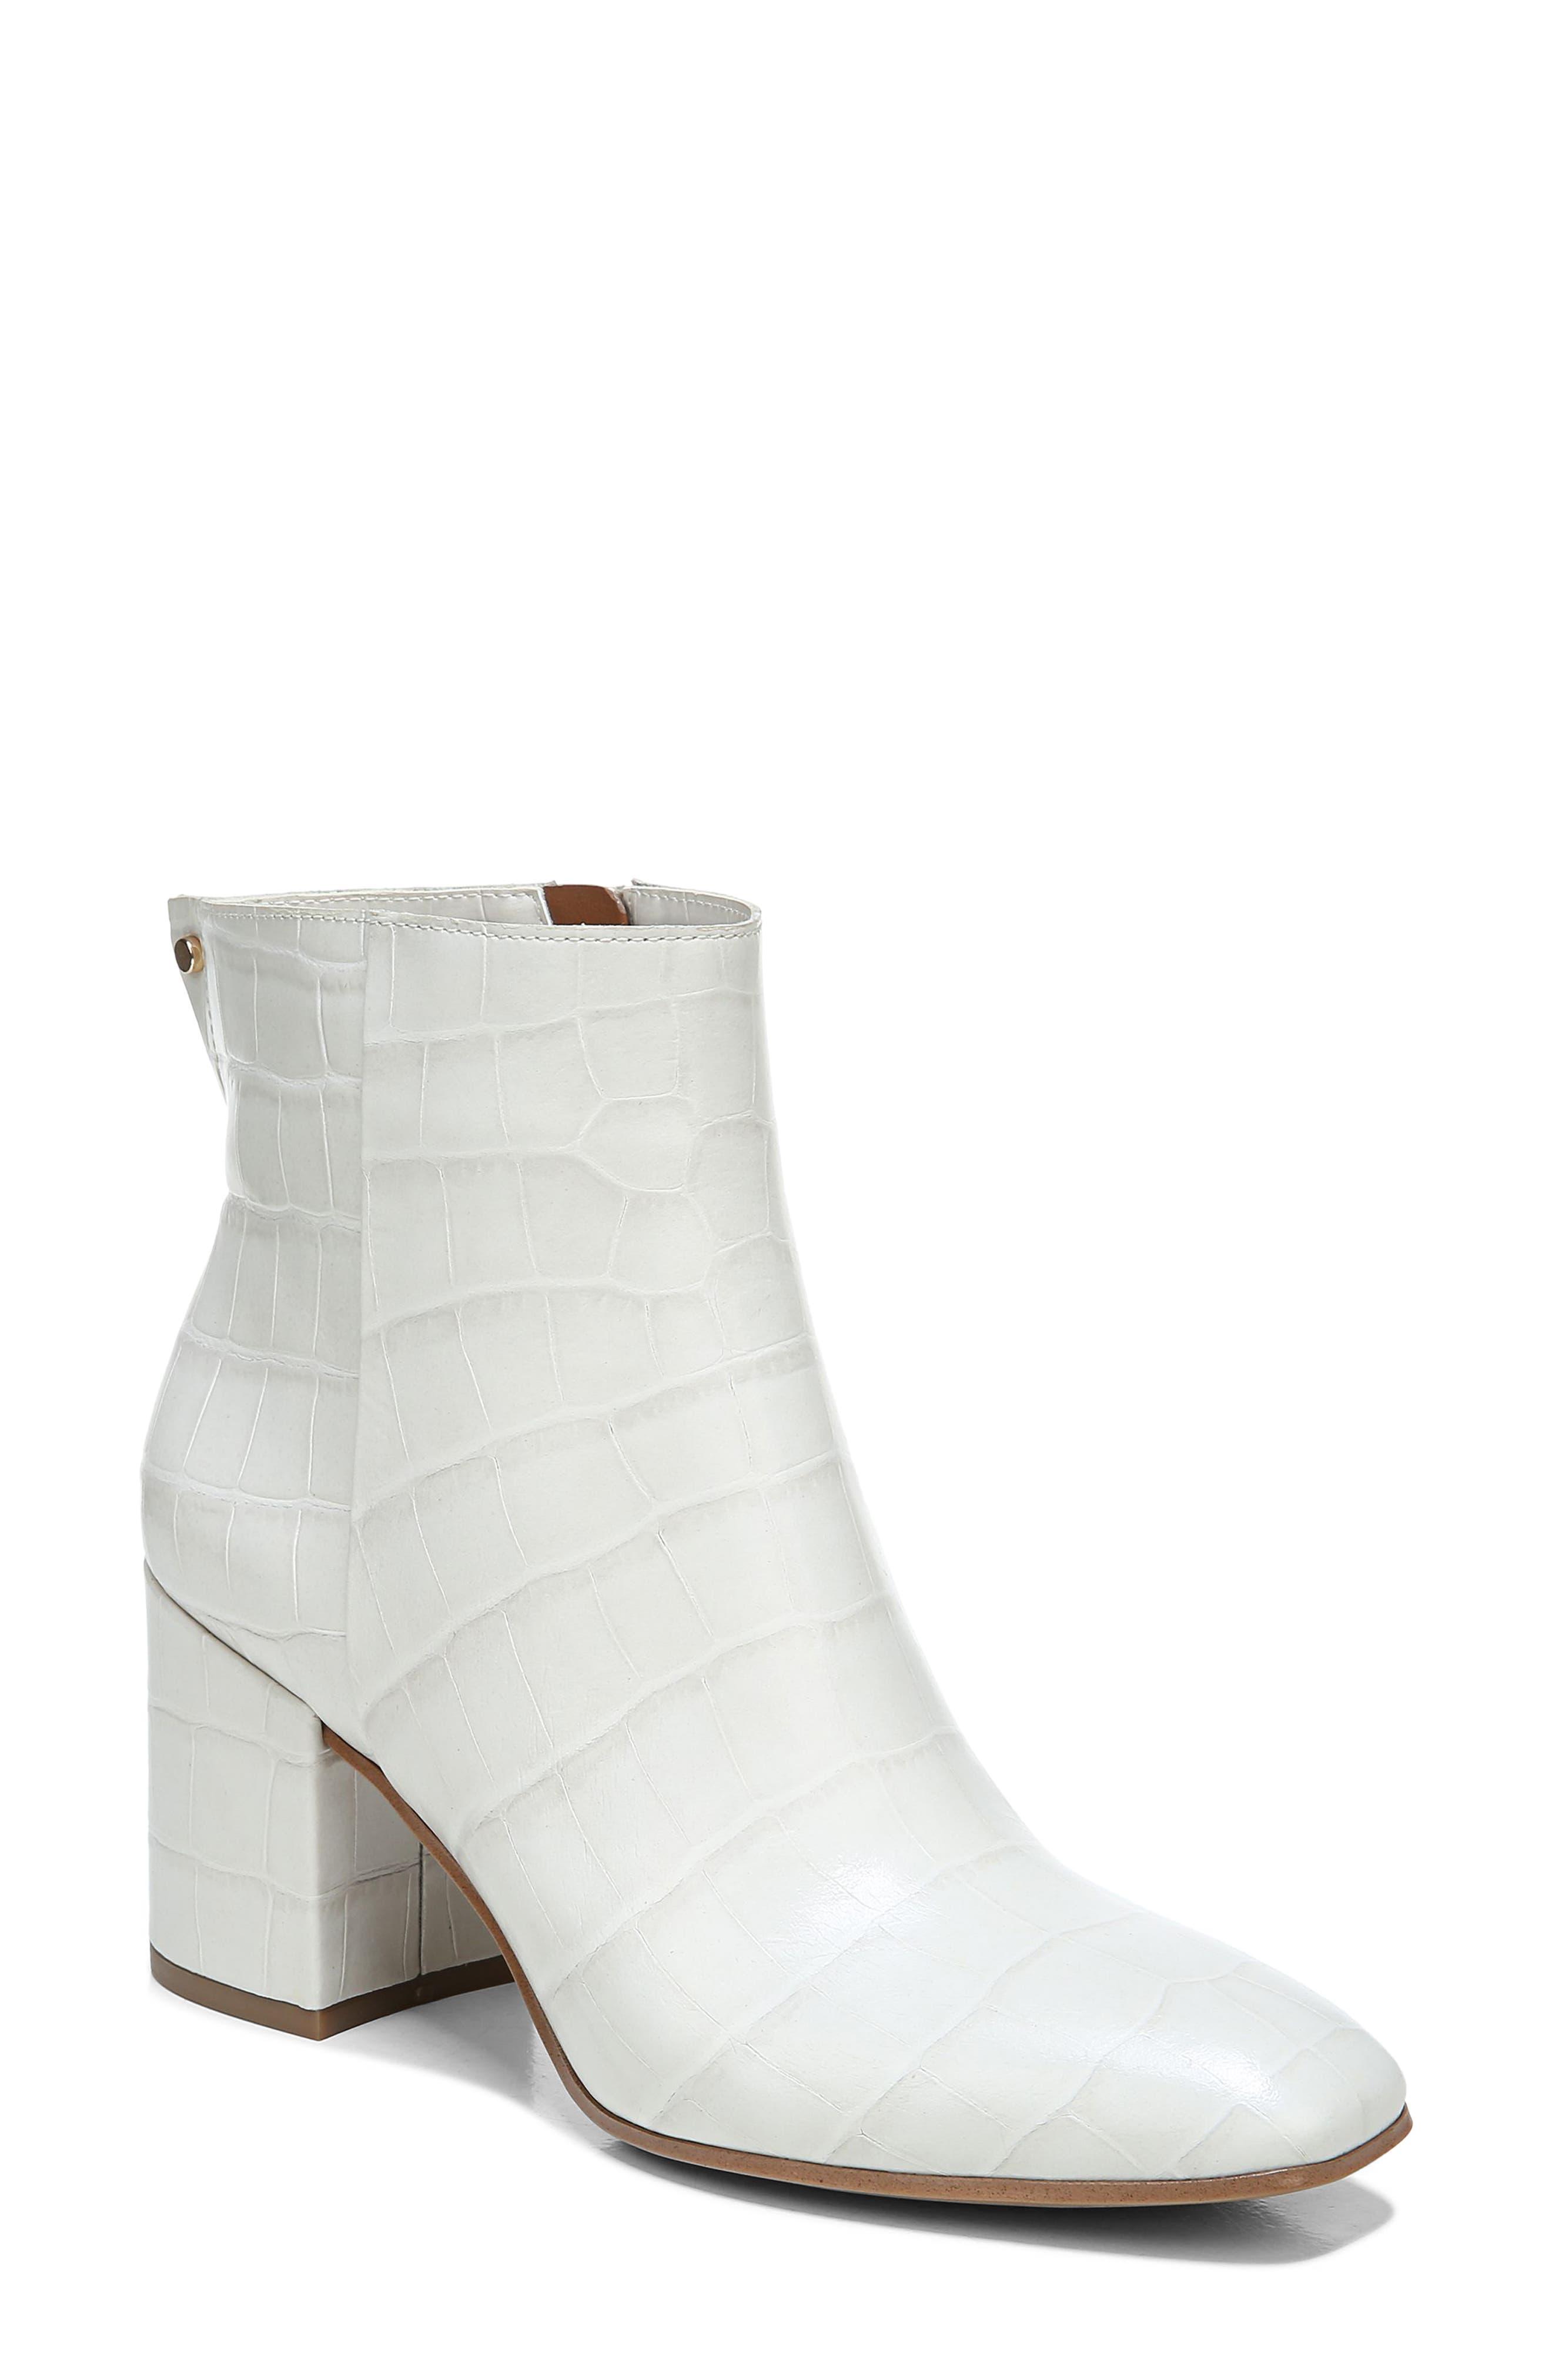 Tina 2 Block Heel Boot